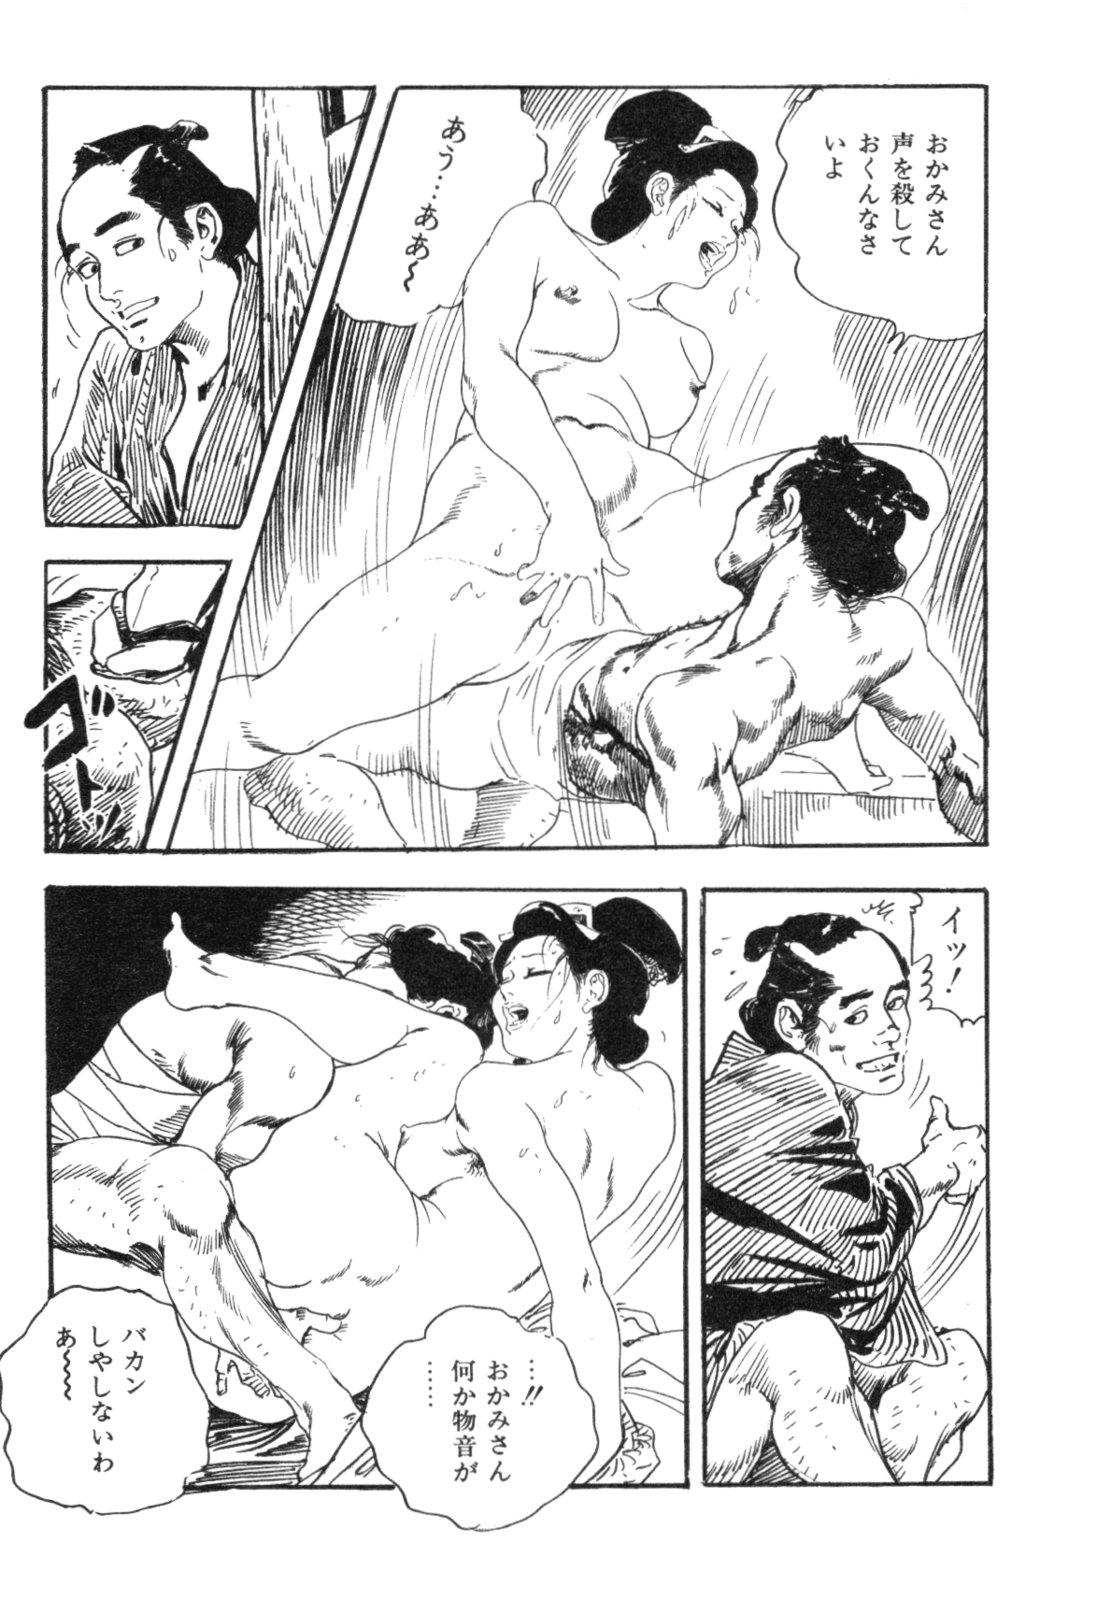 Jidaigeki Series 2 ~ Midare Kannon 55